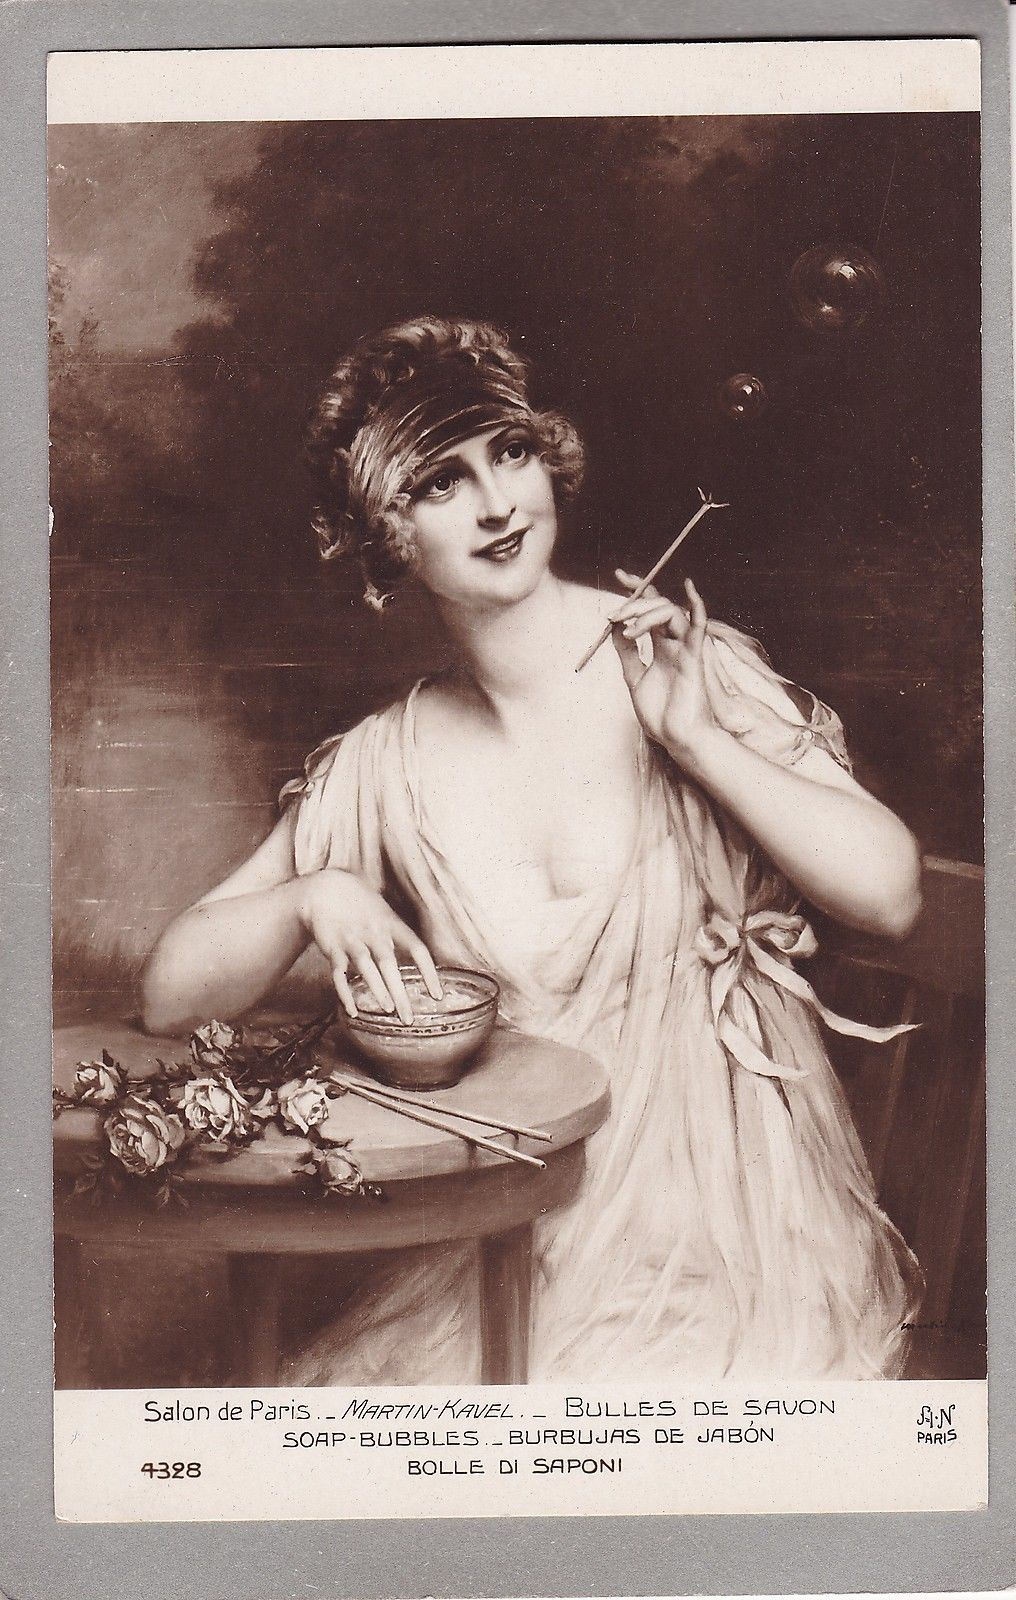 Lady Blowing Bubbles - Art Deco